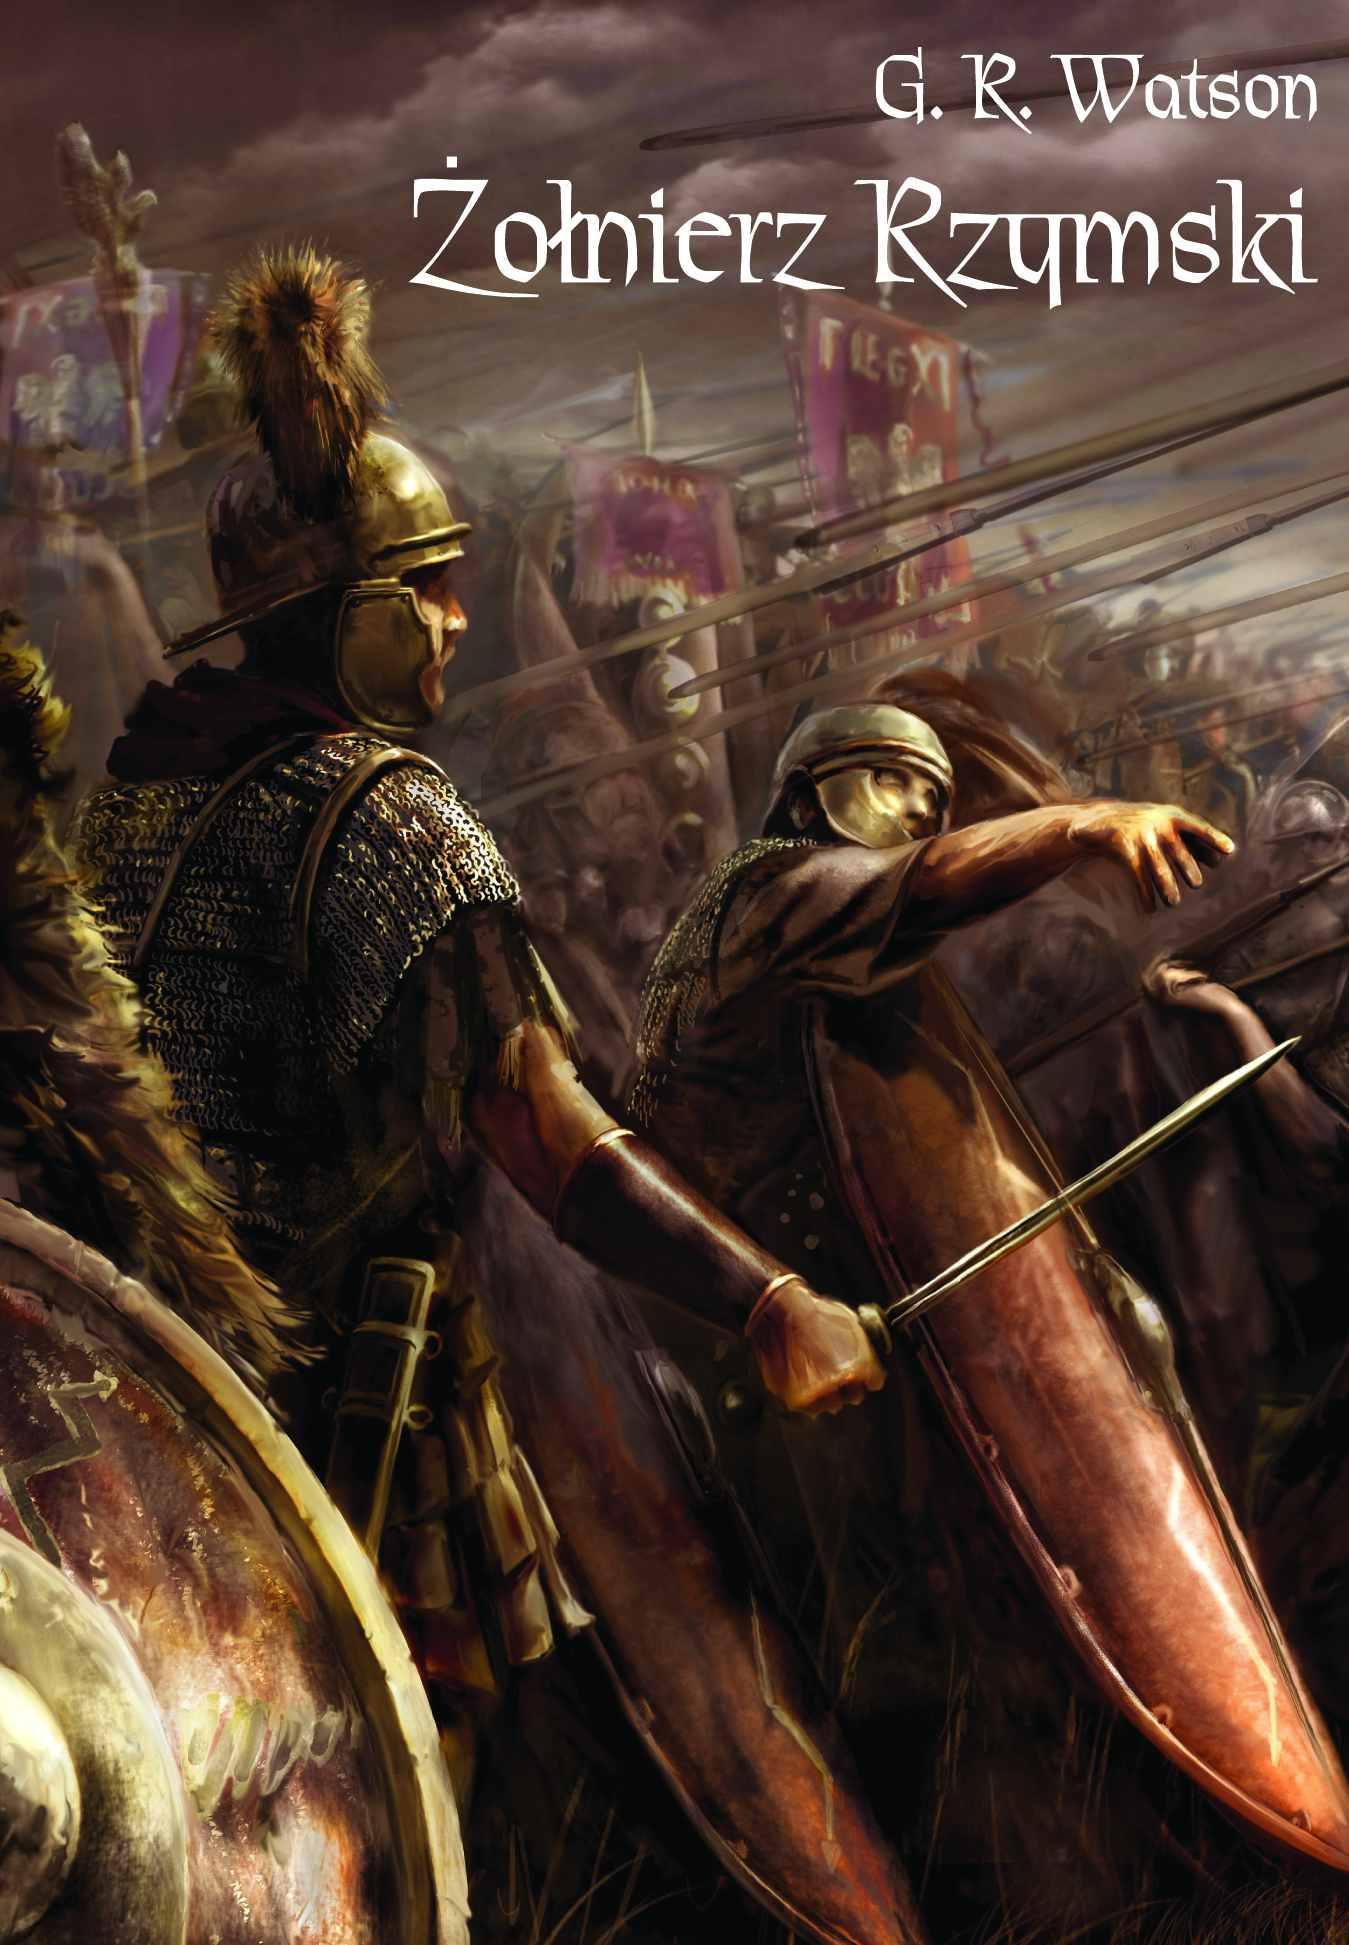 Żołnierz rzymski - Ebook (Książka na Kindle) do pobrania w formacie MOBI